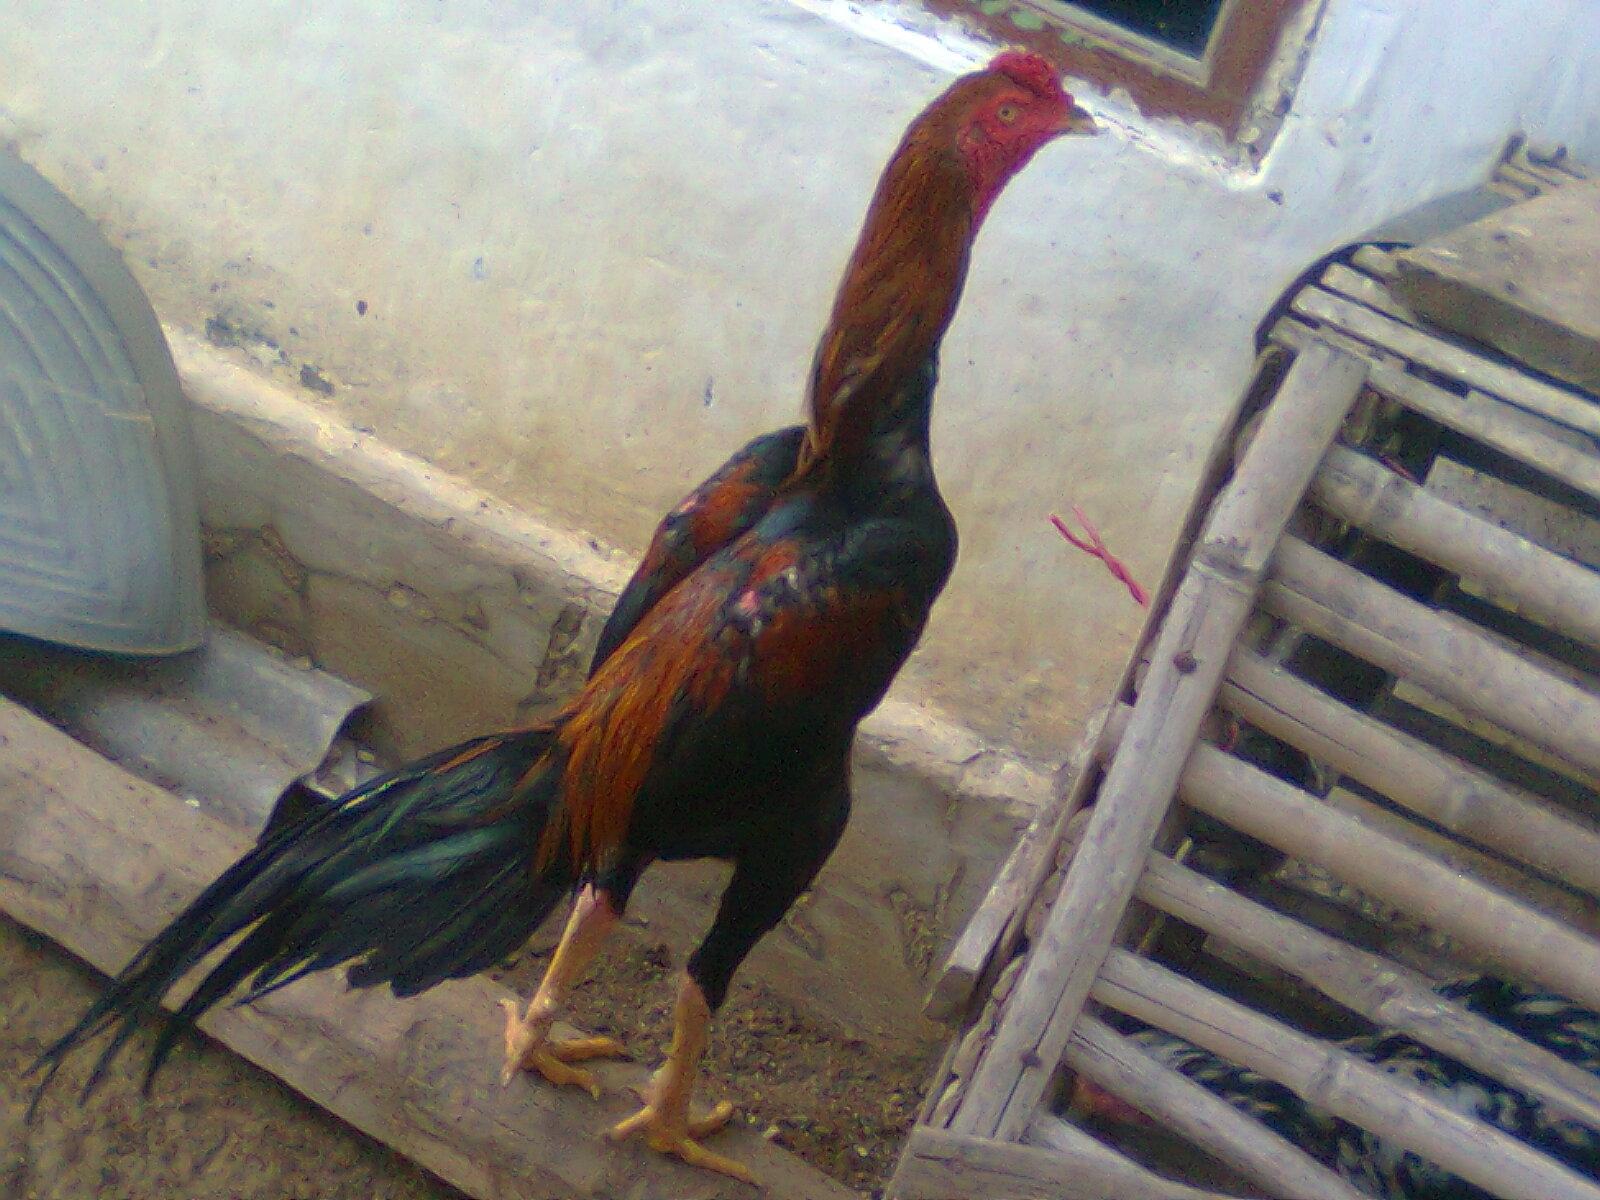 Jual Ayam Bangkok Lokasi Di Madura